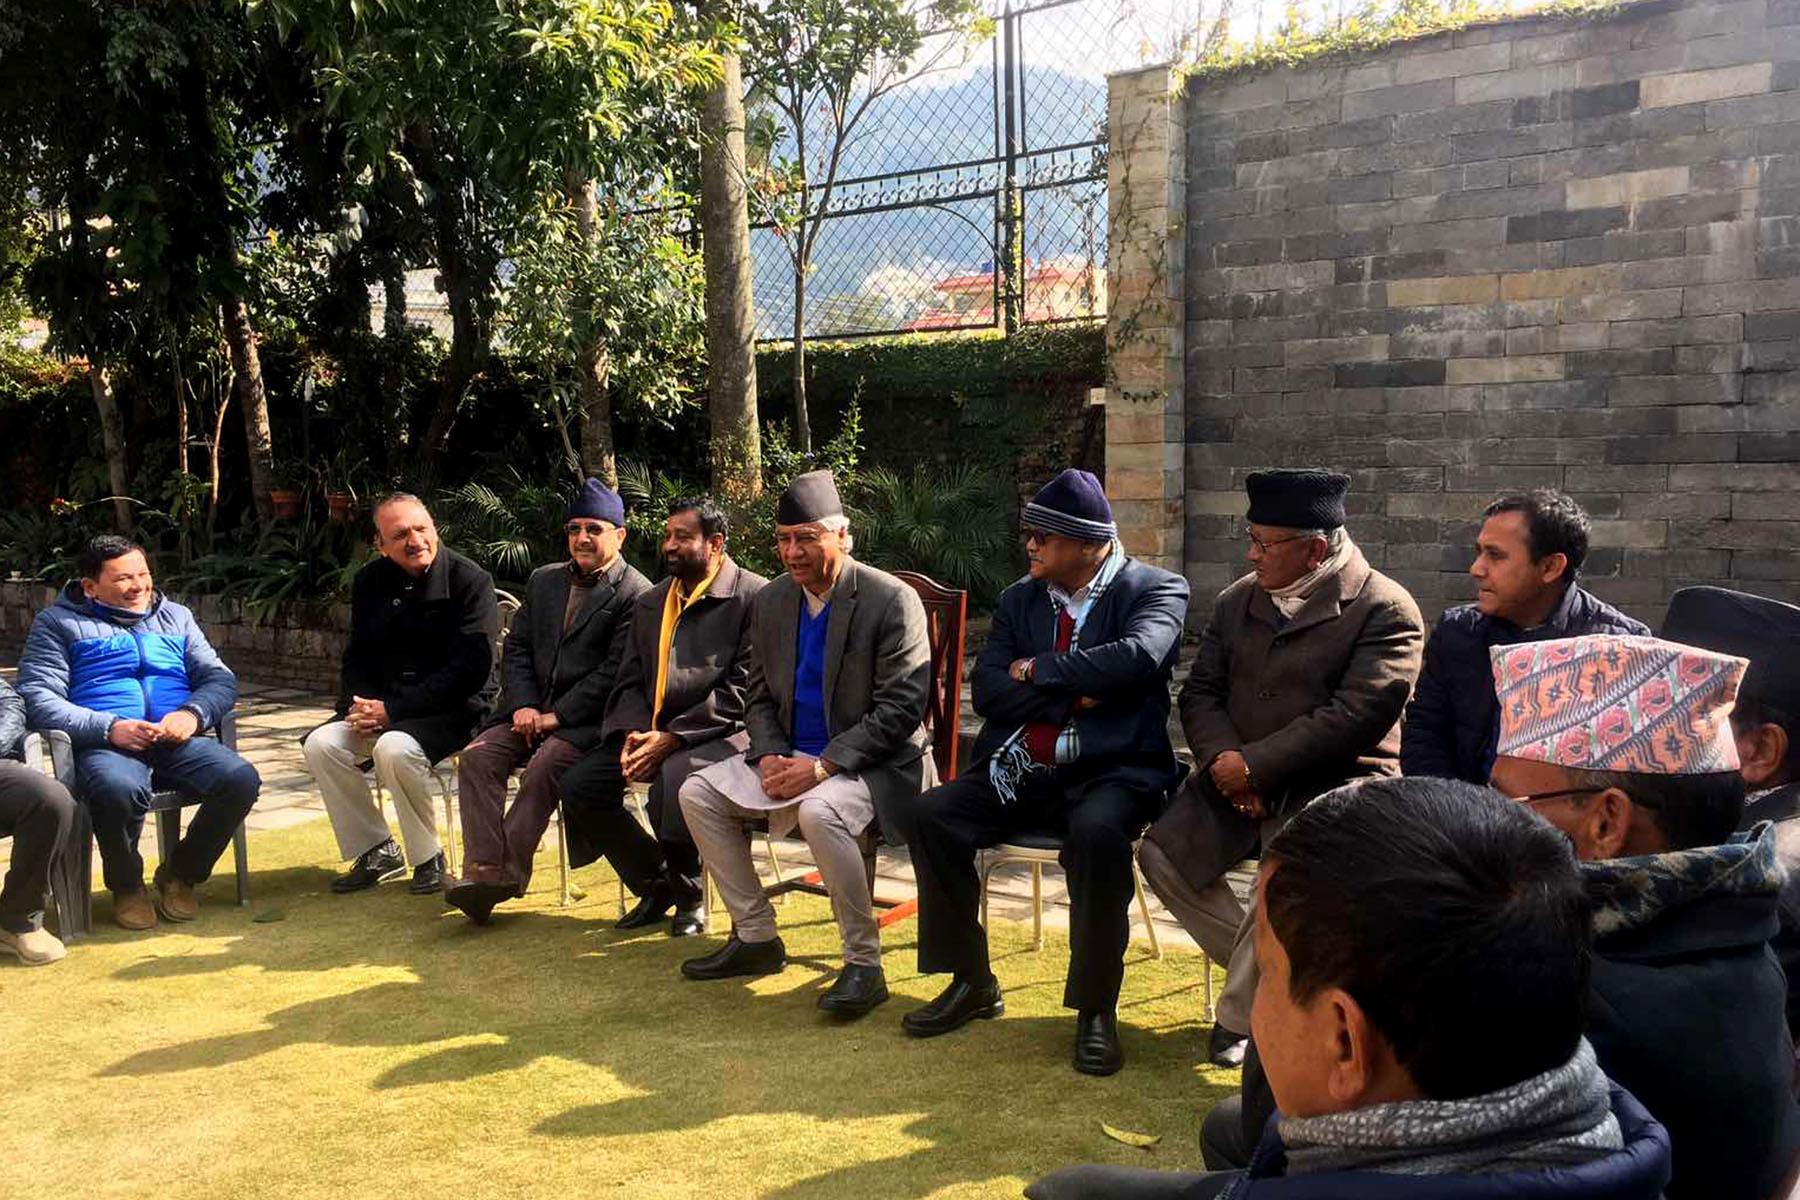 पार्टीमा एकता राख्न सहमतिको विकल्प छैन : सभापति देउवा